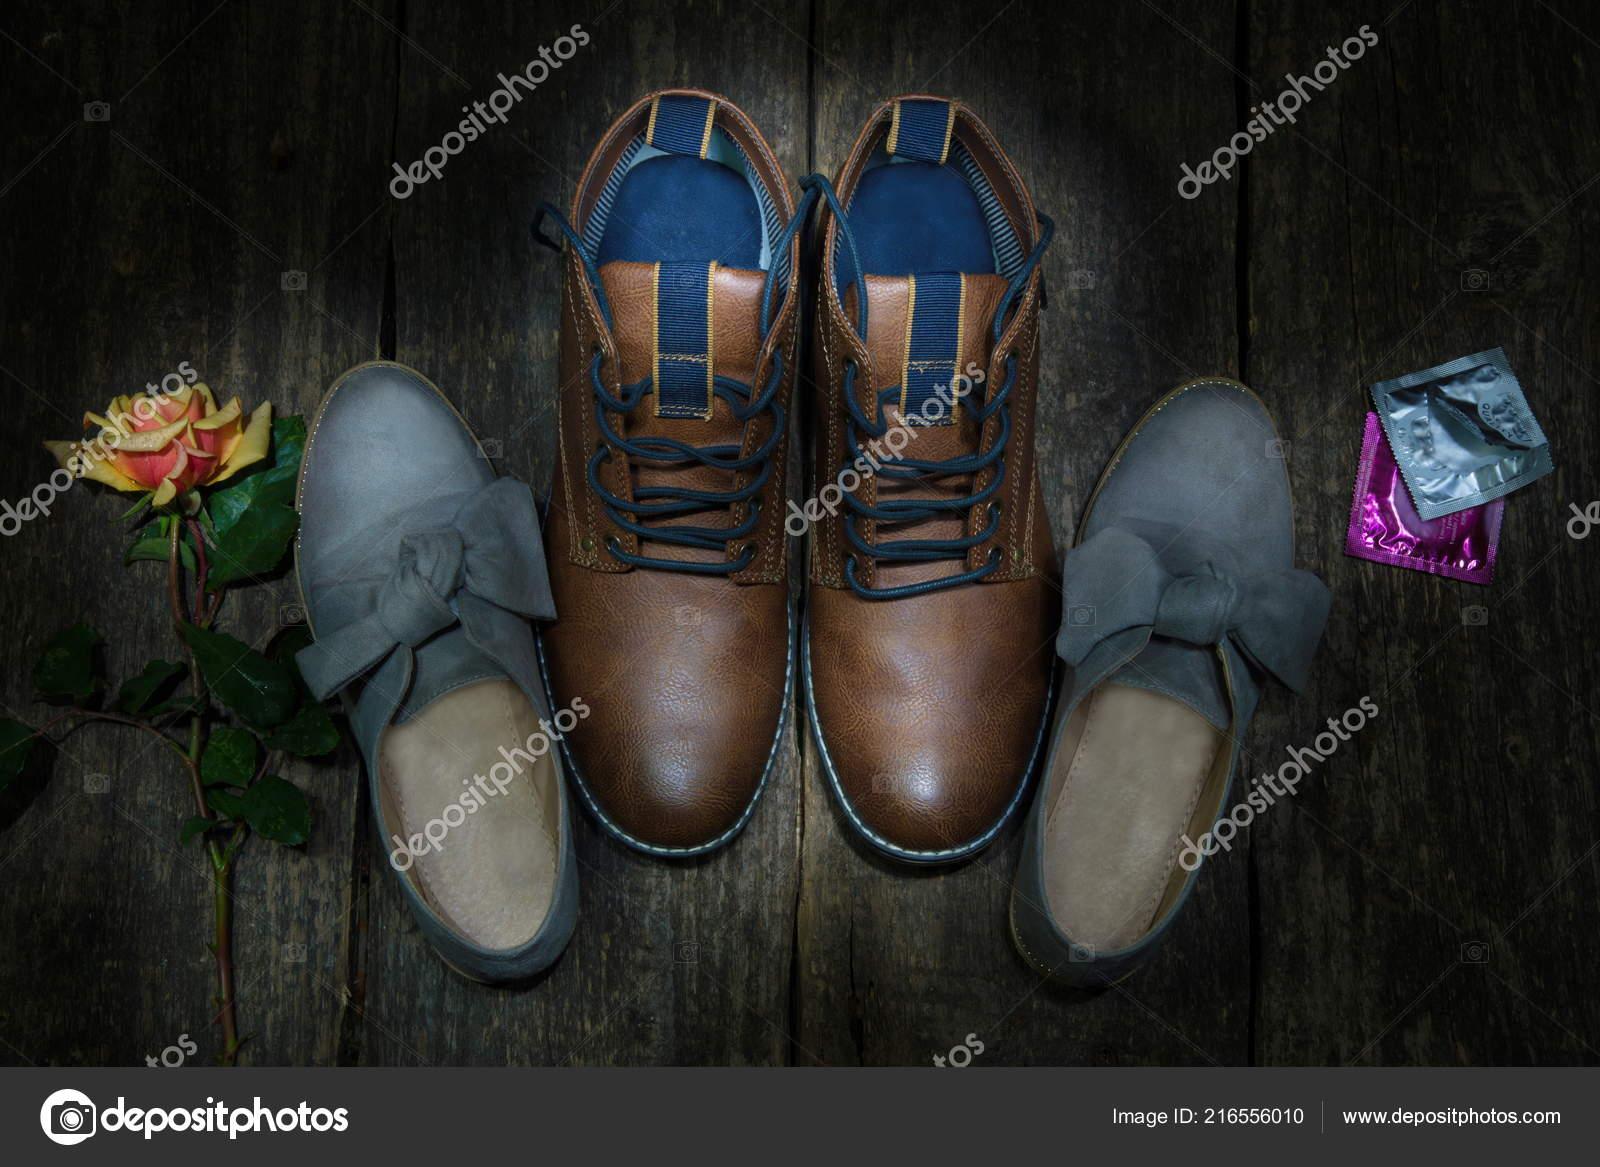 ecb6dee1594334 Männlichen Und Weiblichen Schuhe — Stockfoto © eriklidmets mail.ru ...